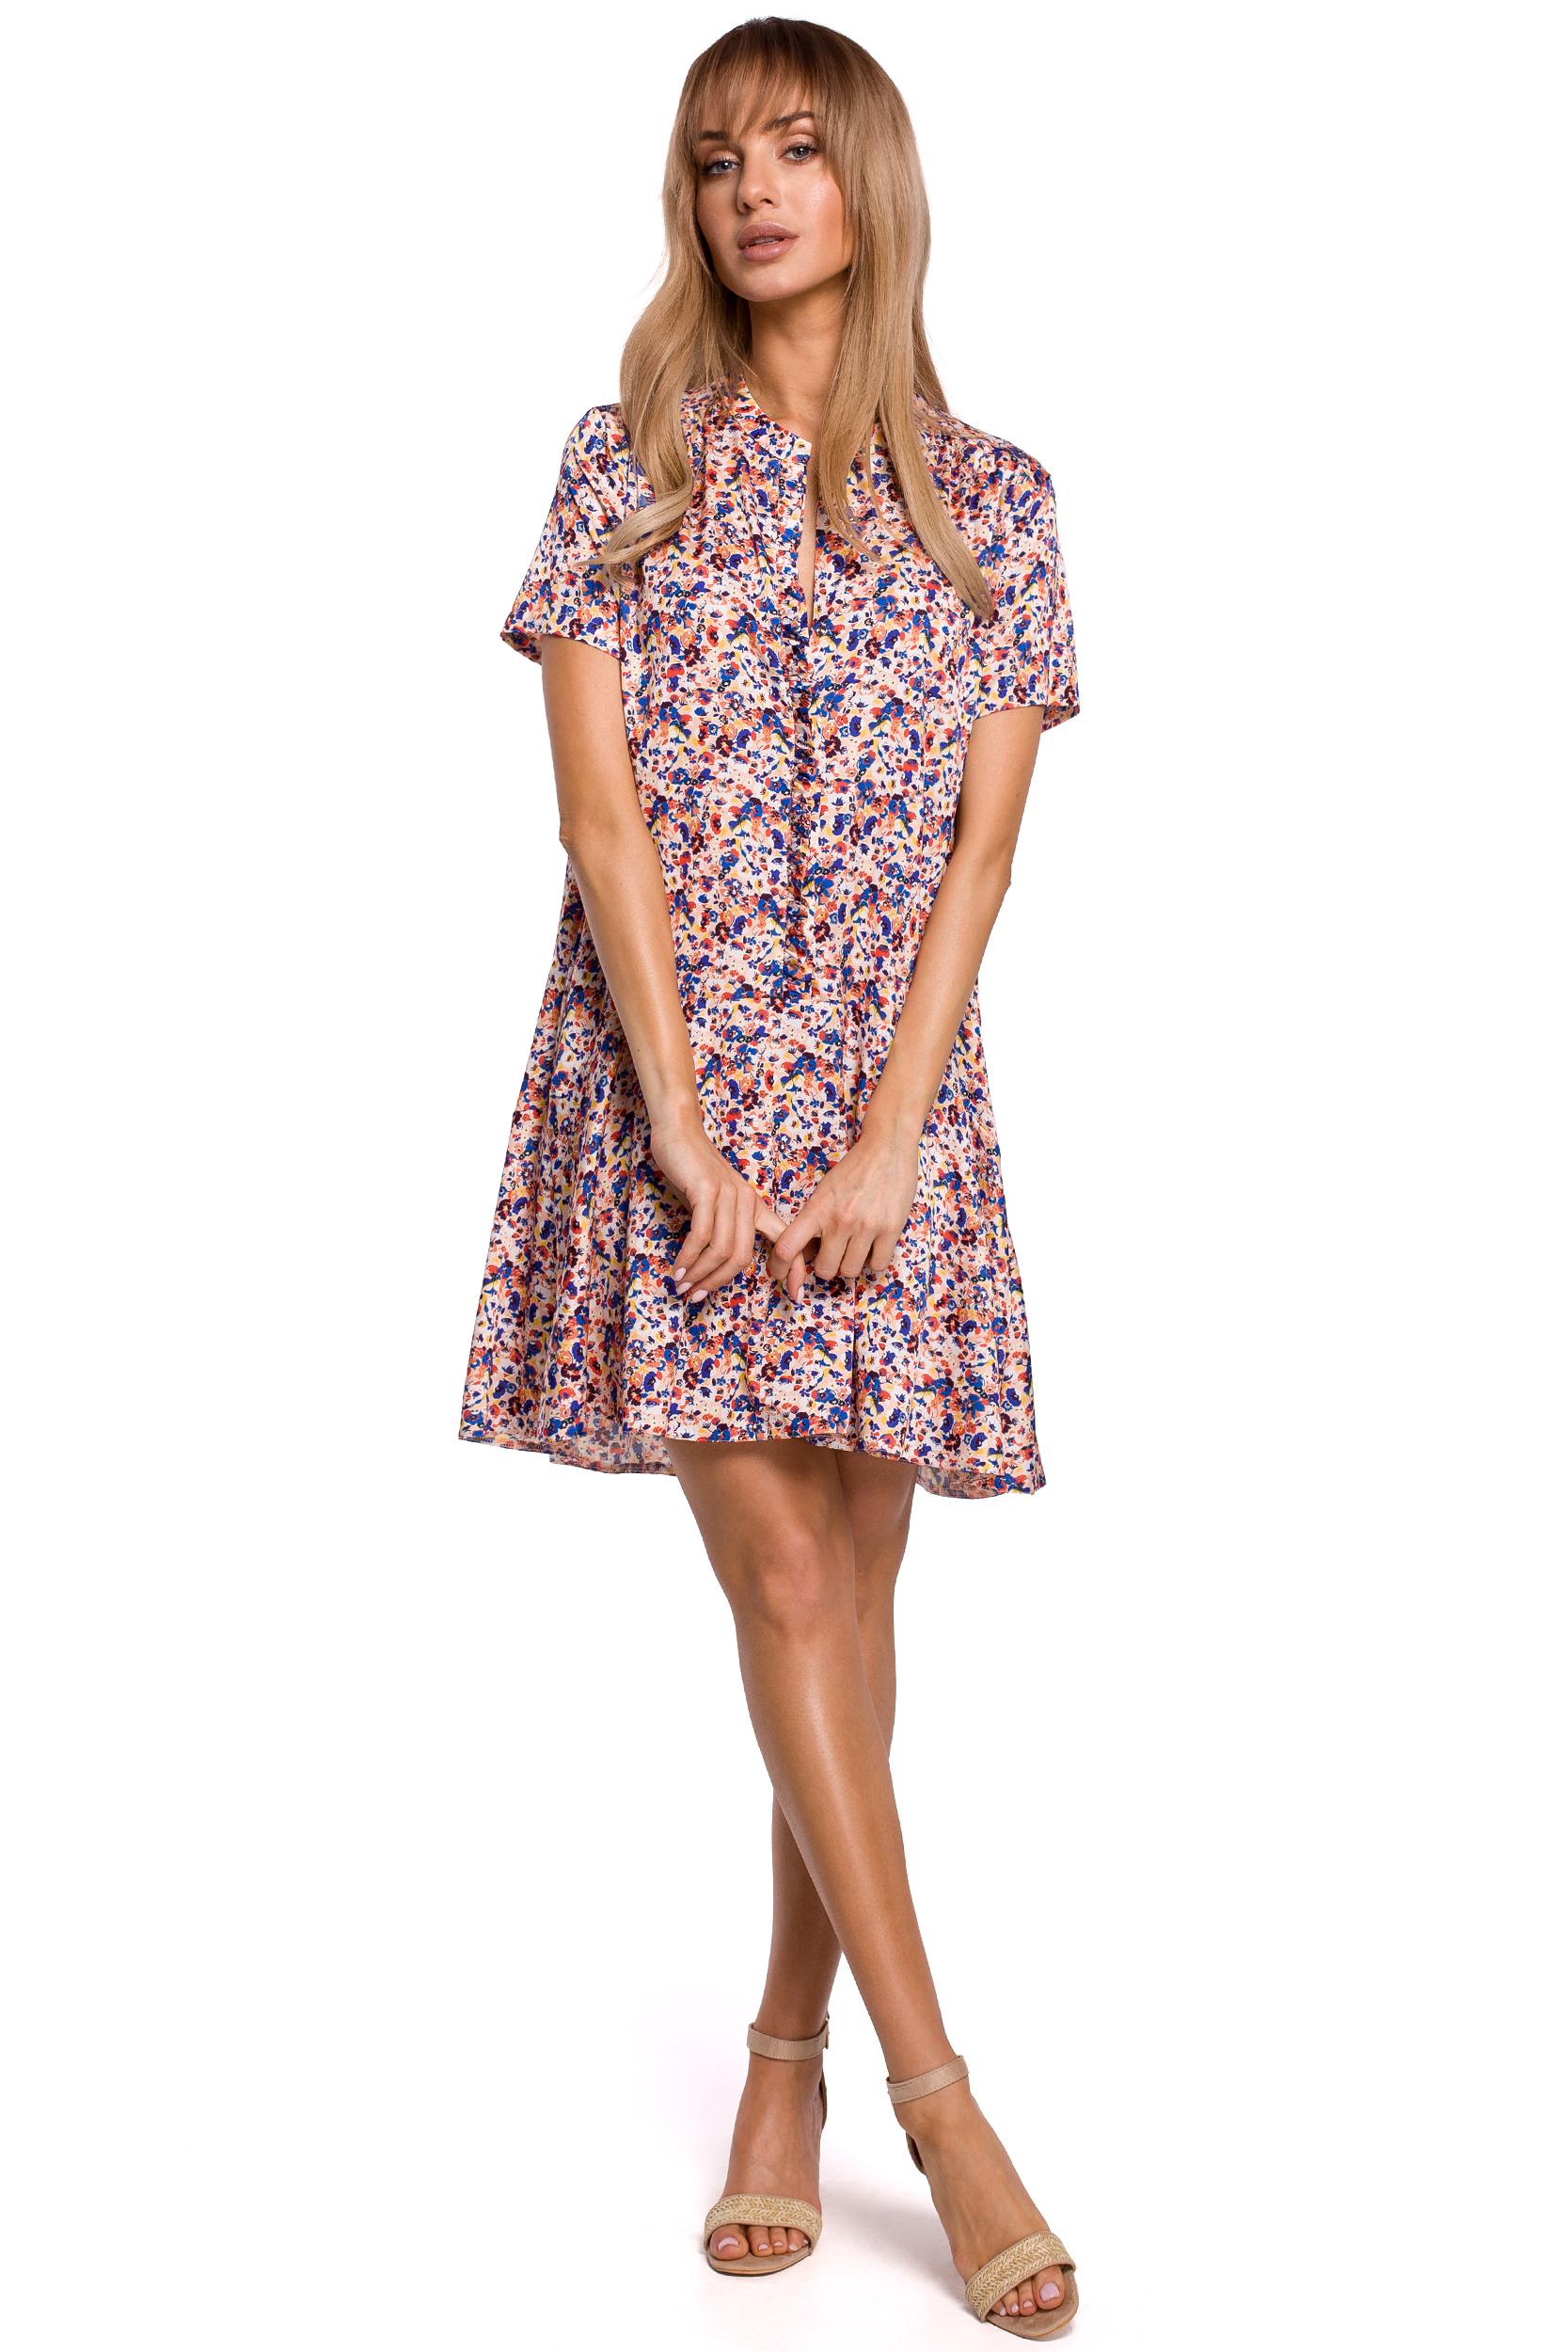 Blommig Skjortklänning